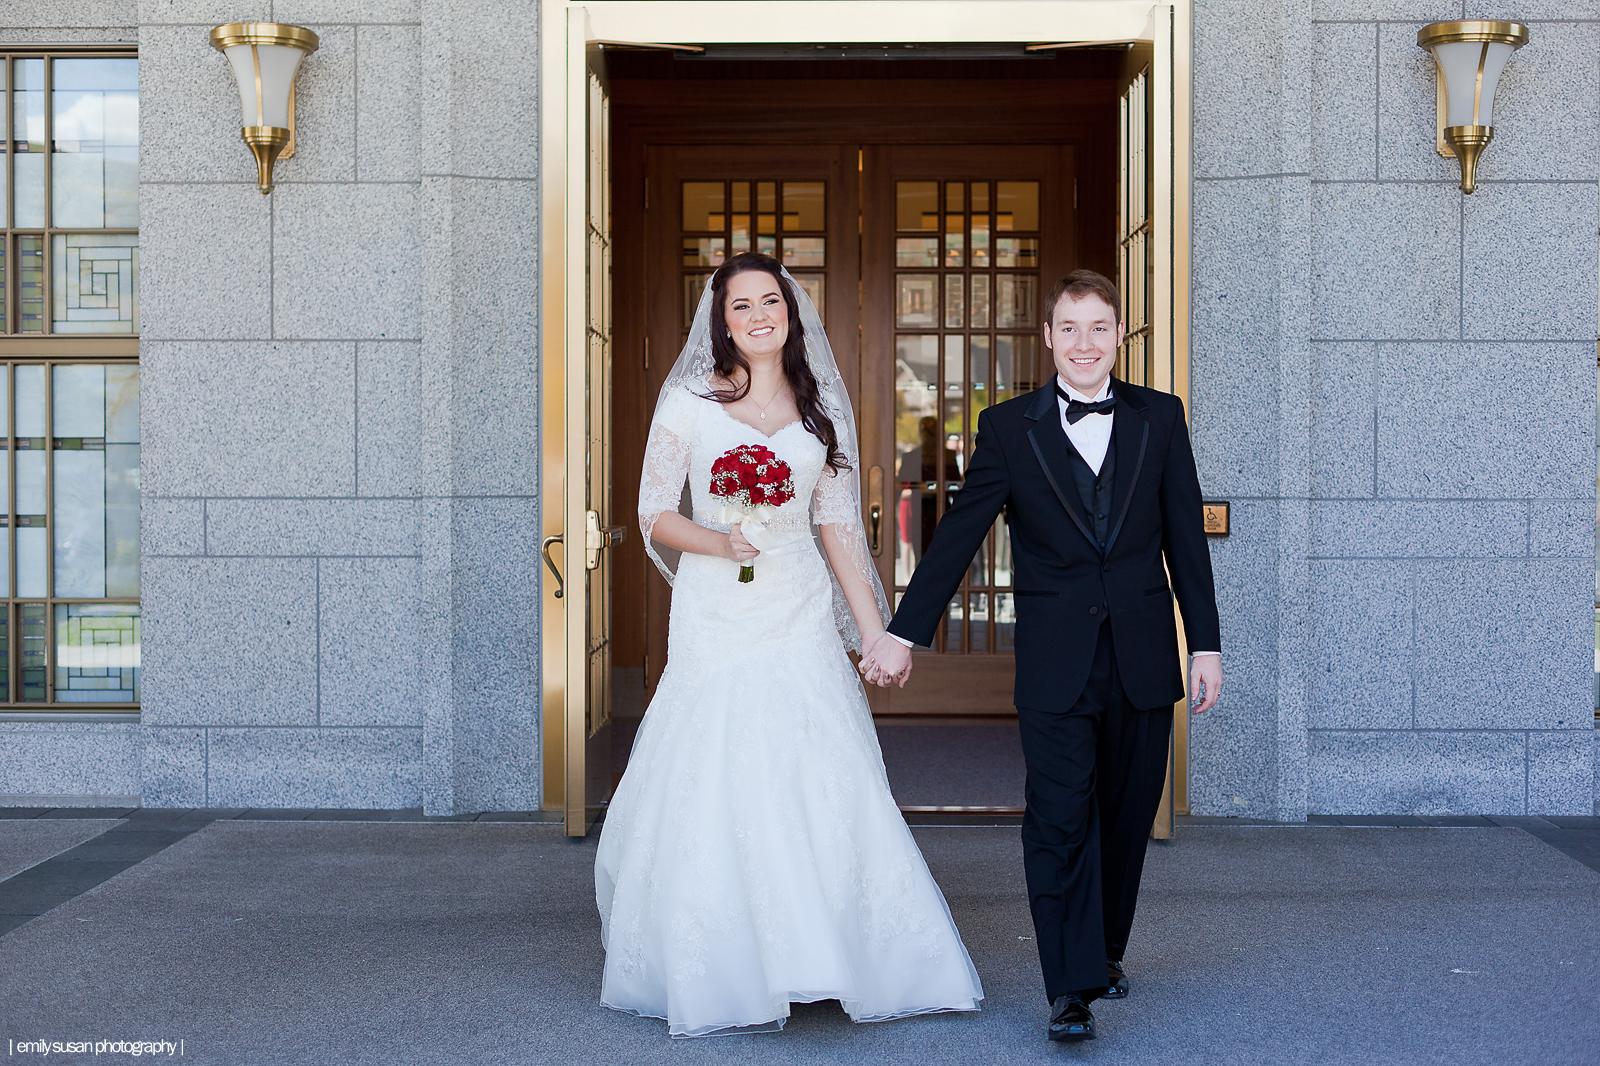 Kaitlyn teague wedding